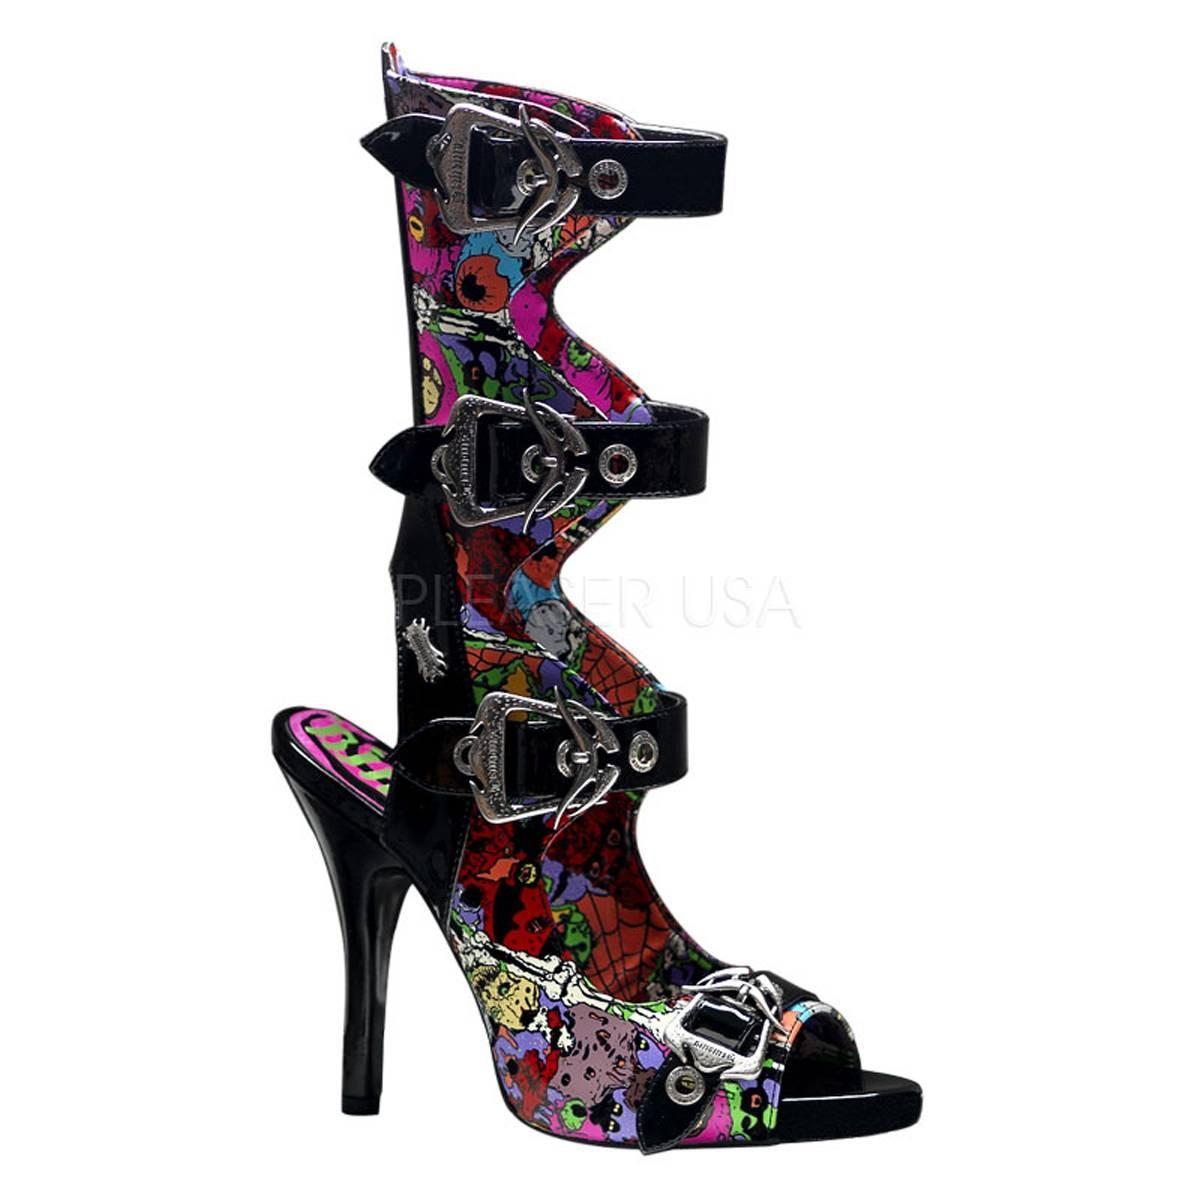 Sandalen - ZOMBIE 102 ° Damen Sandalette ° Mehrfarbig Glänzend ° Demonia  - Onlineshop RedSixty